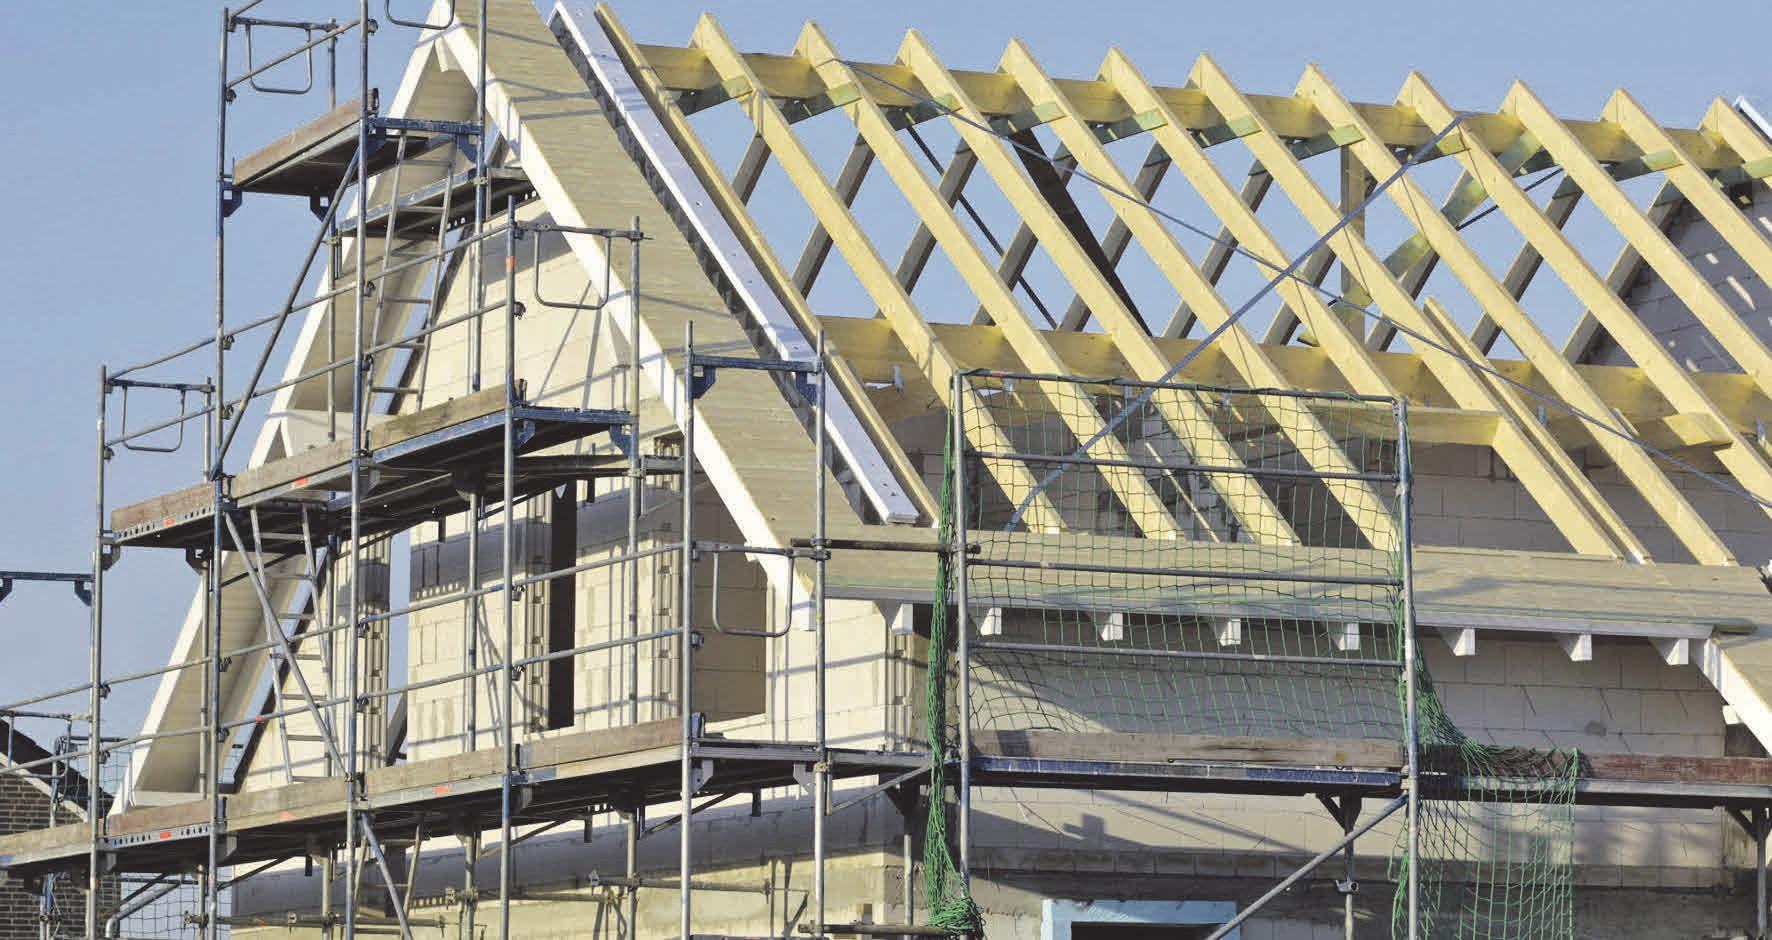 Das Dach dämmen – aber wie? Natürliche Materialien sind nicht immer die ökologisch sinnvolle Lösung. Foto: djd/Paul Bauder/acilo-Getty Images